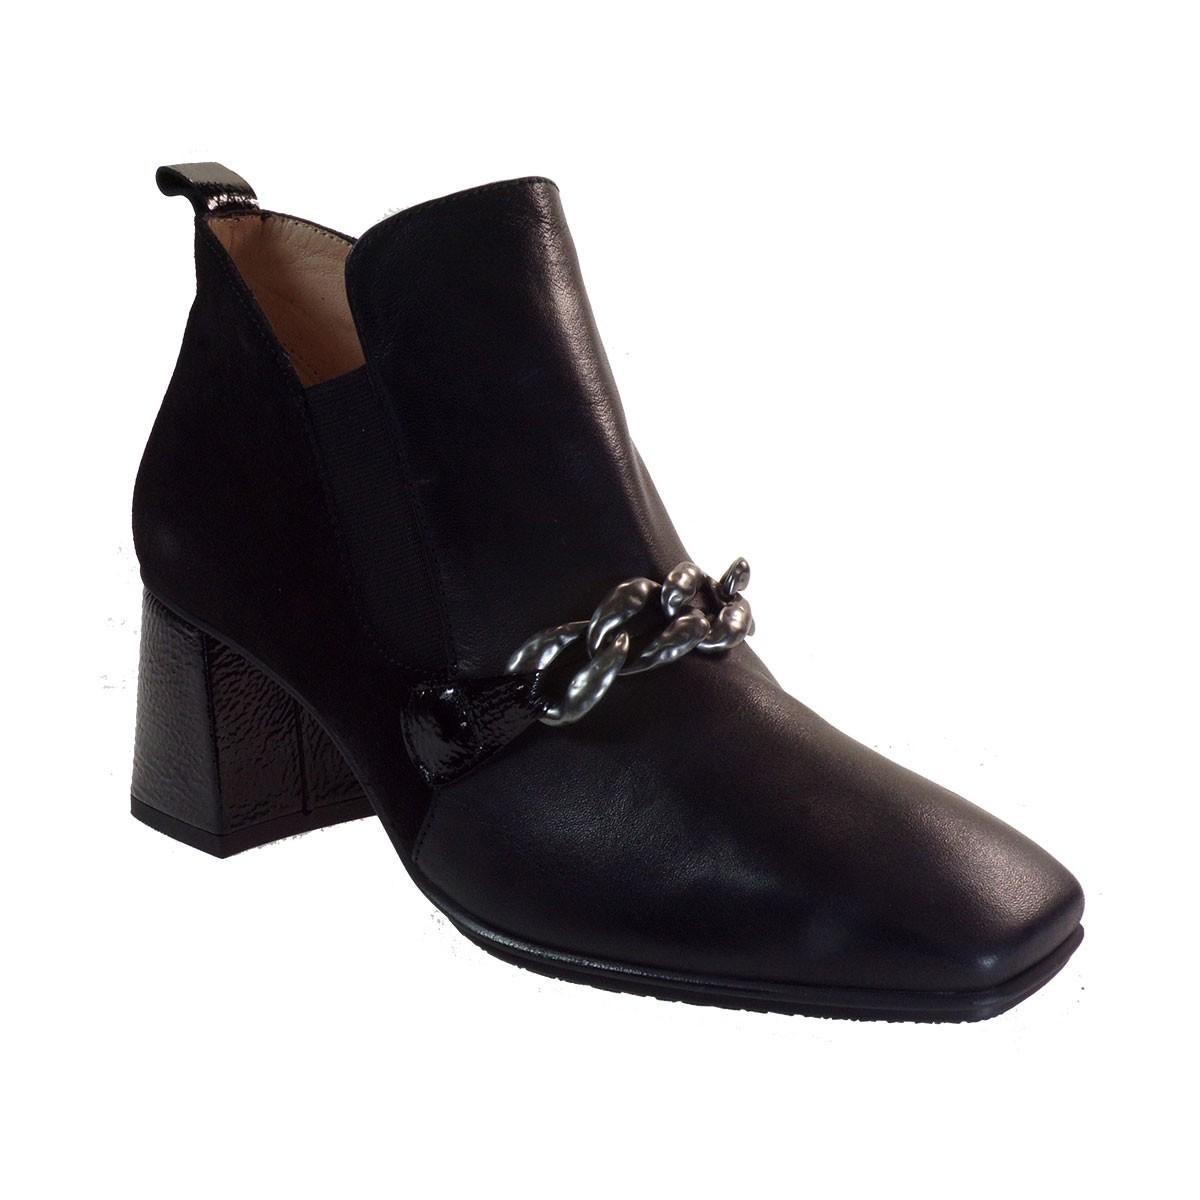 Hispanitas Γυναικεία Παπούτσια Mποτάκια CHI00870 Μαύρο Δέρμα